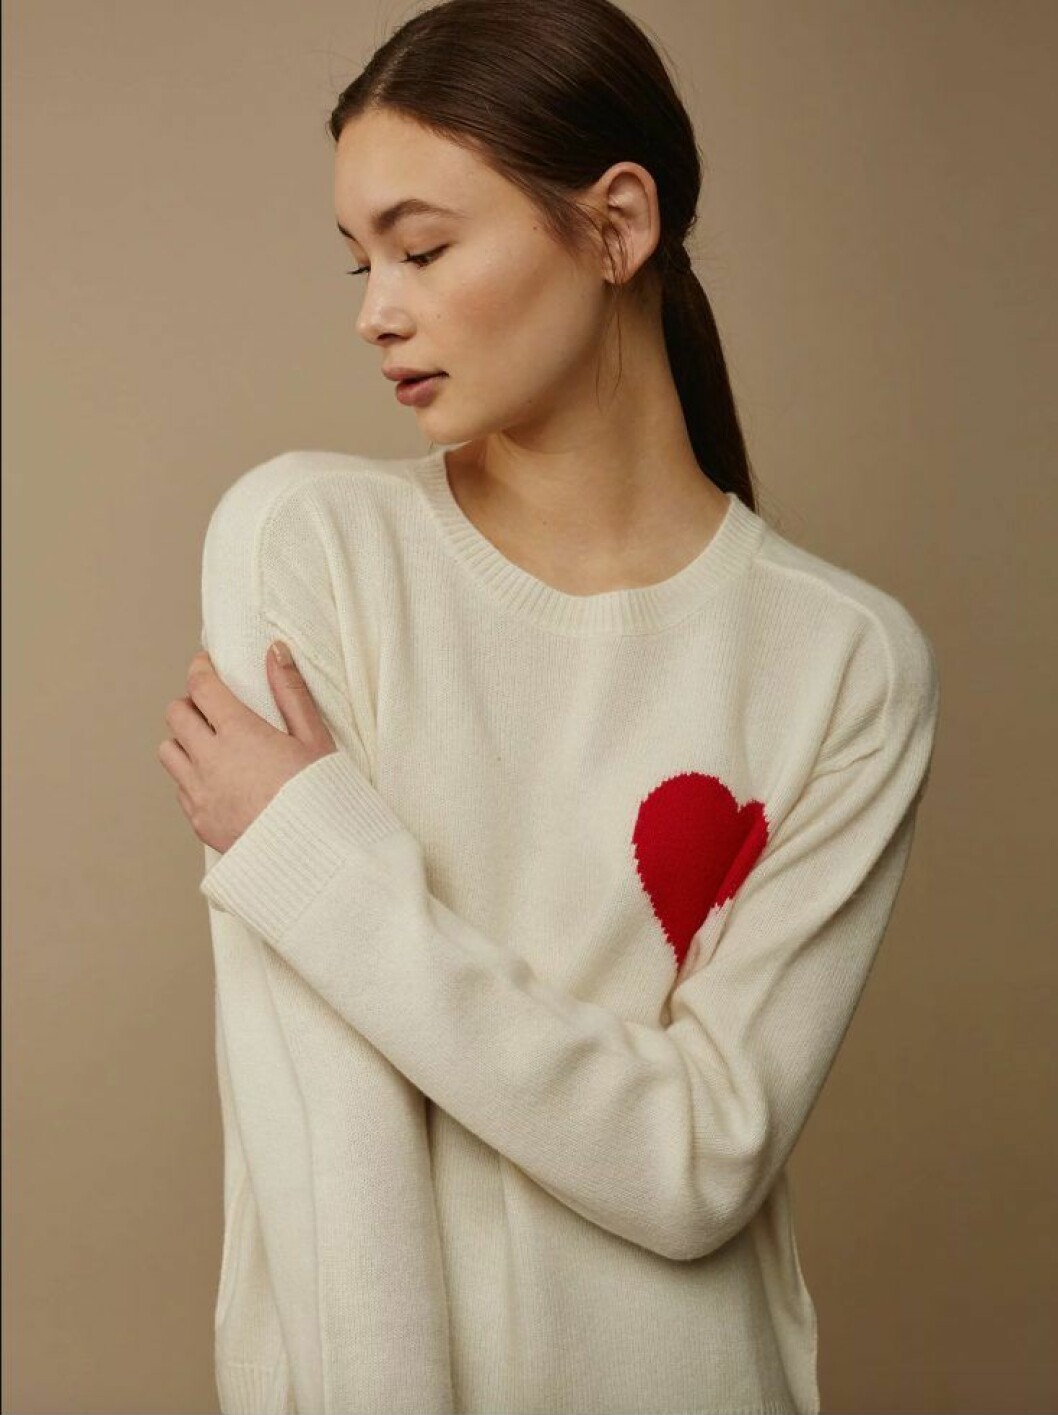 soft goat tröja med hjärta